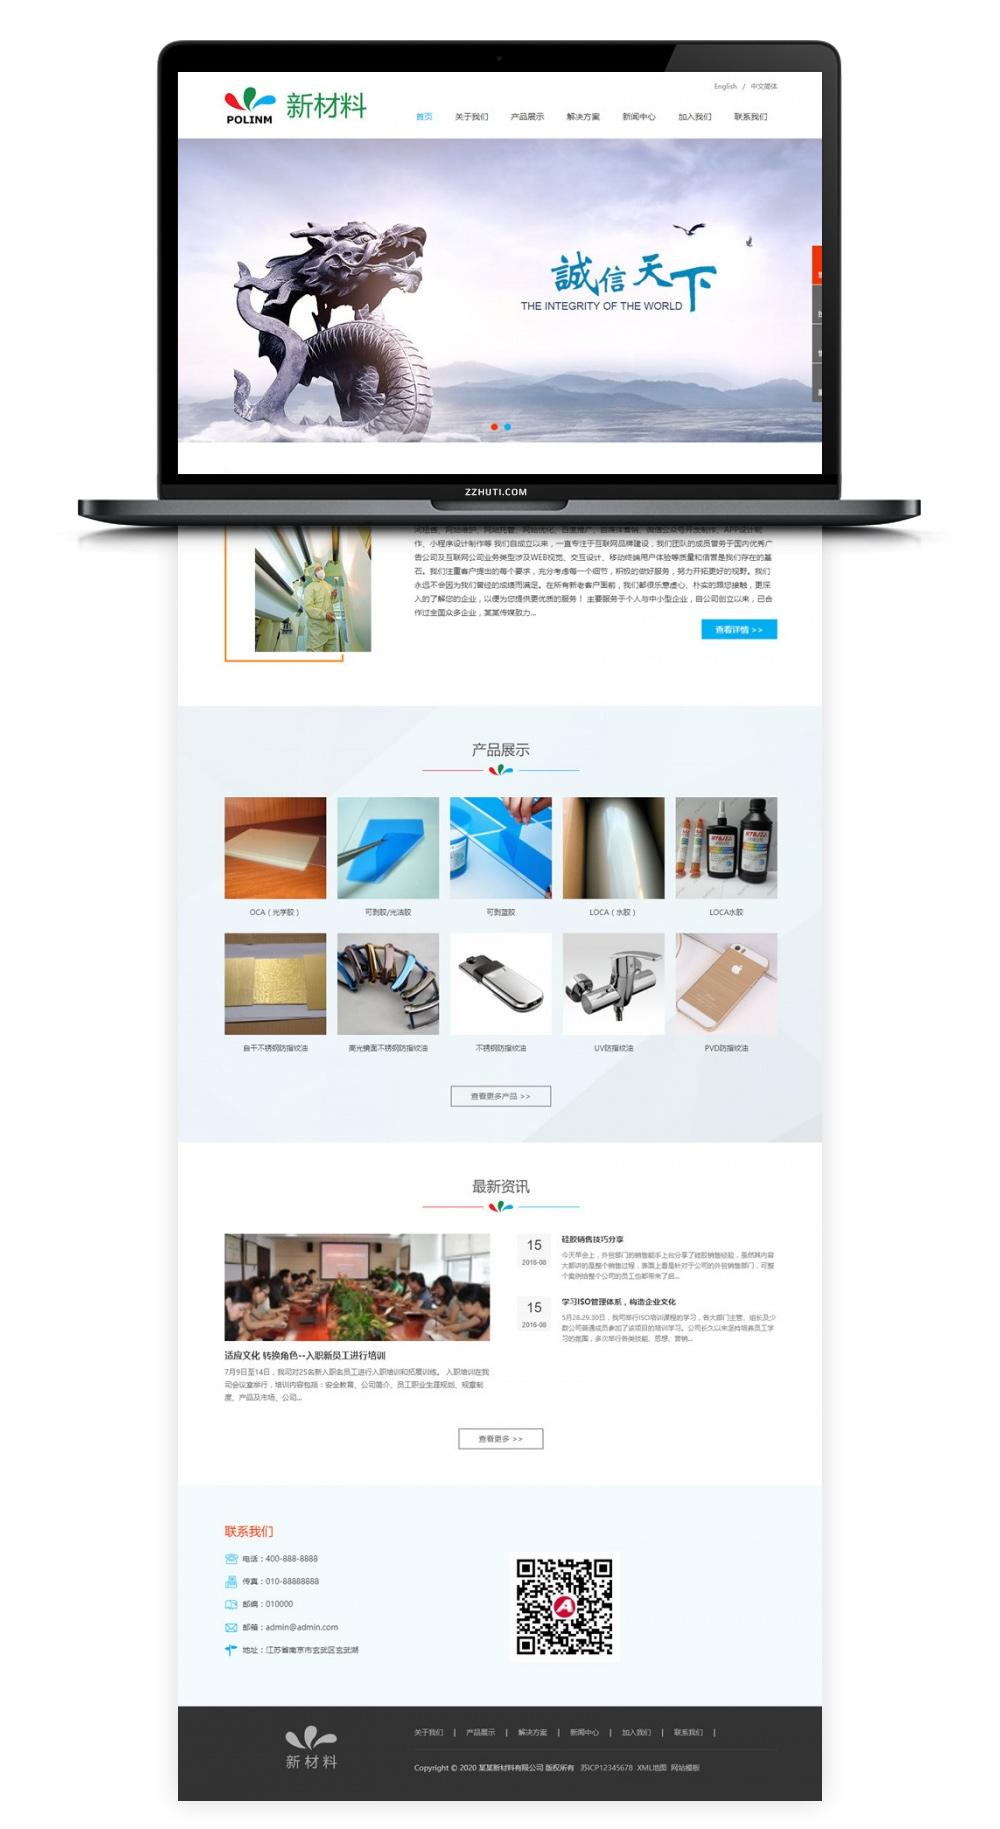 【织梦材料企业模板】中英文双语响应式材料类公司网站DEDEcms模板源码自适应手机-阿奇源码